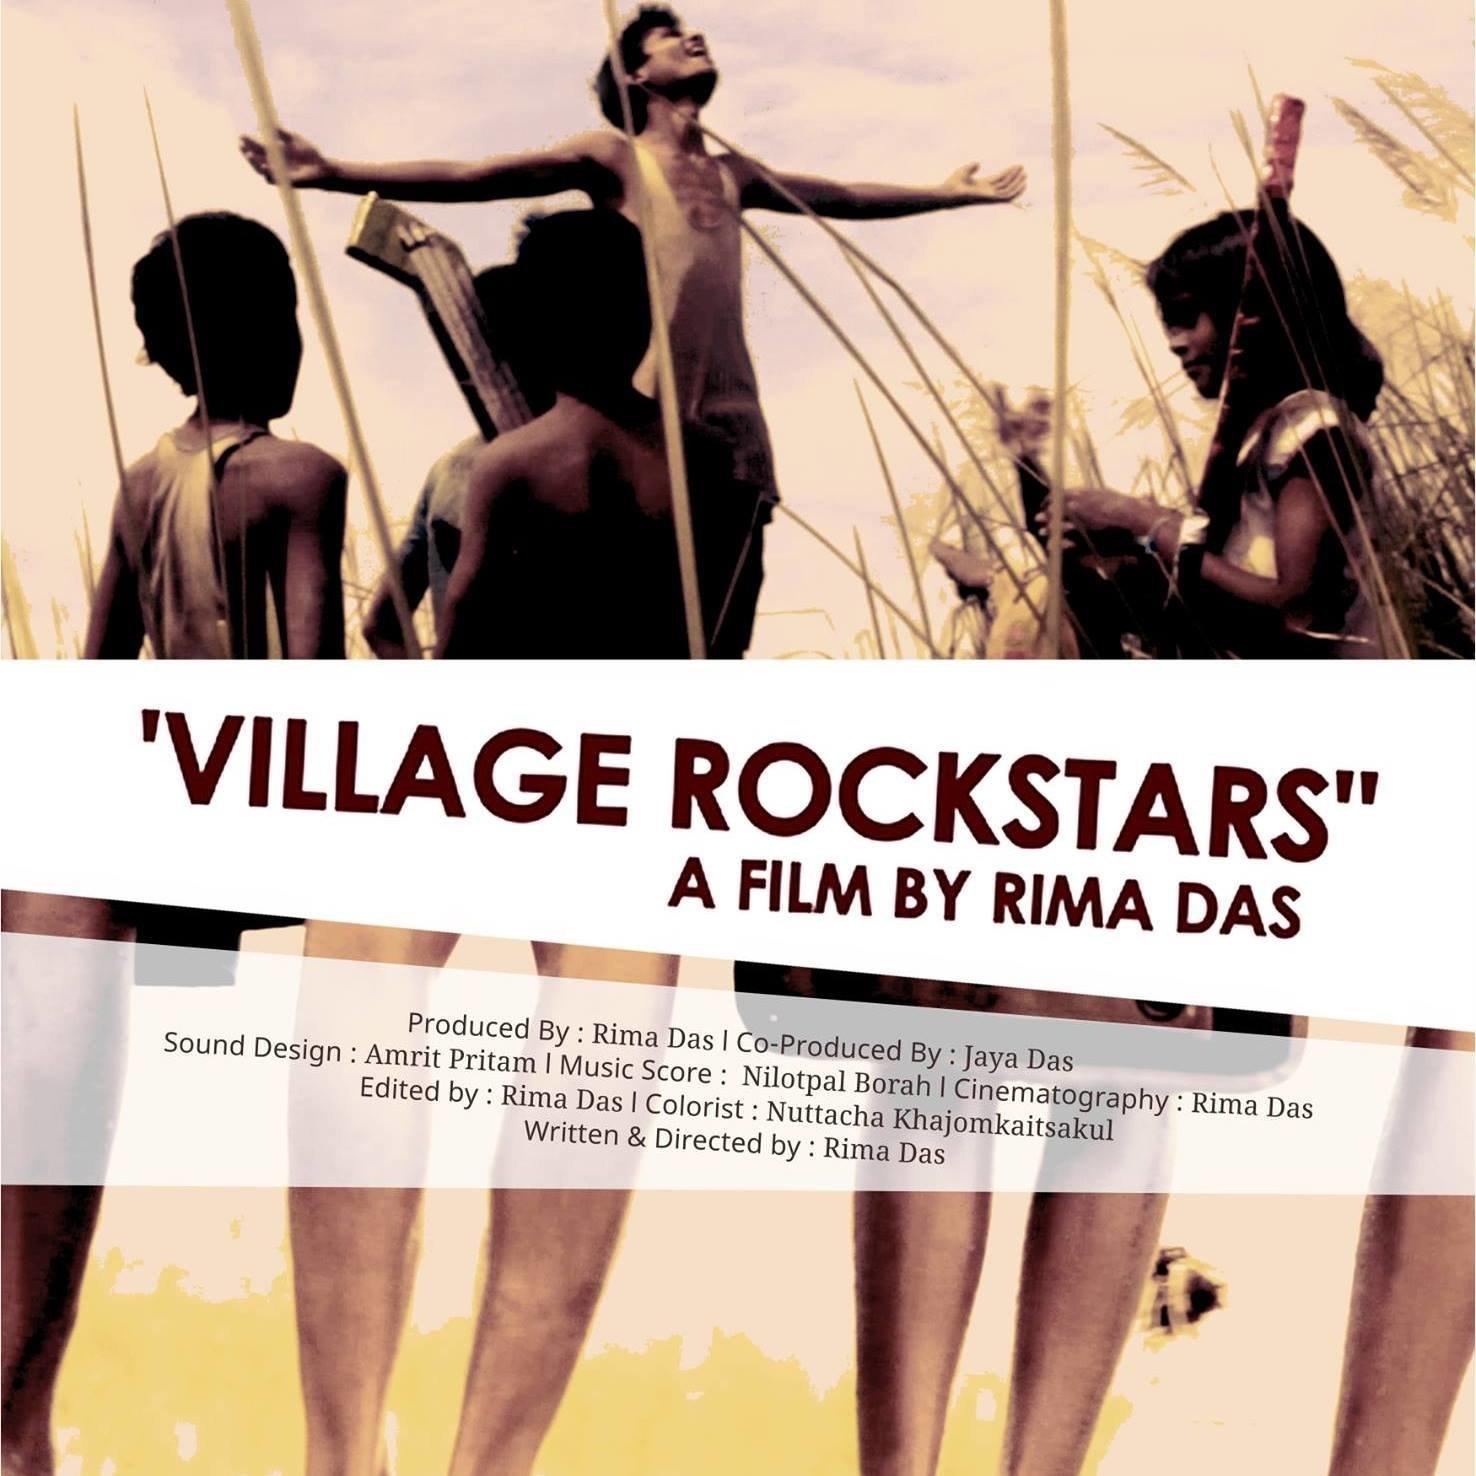 'Village Rockstars' Out Of Oscars